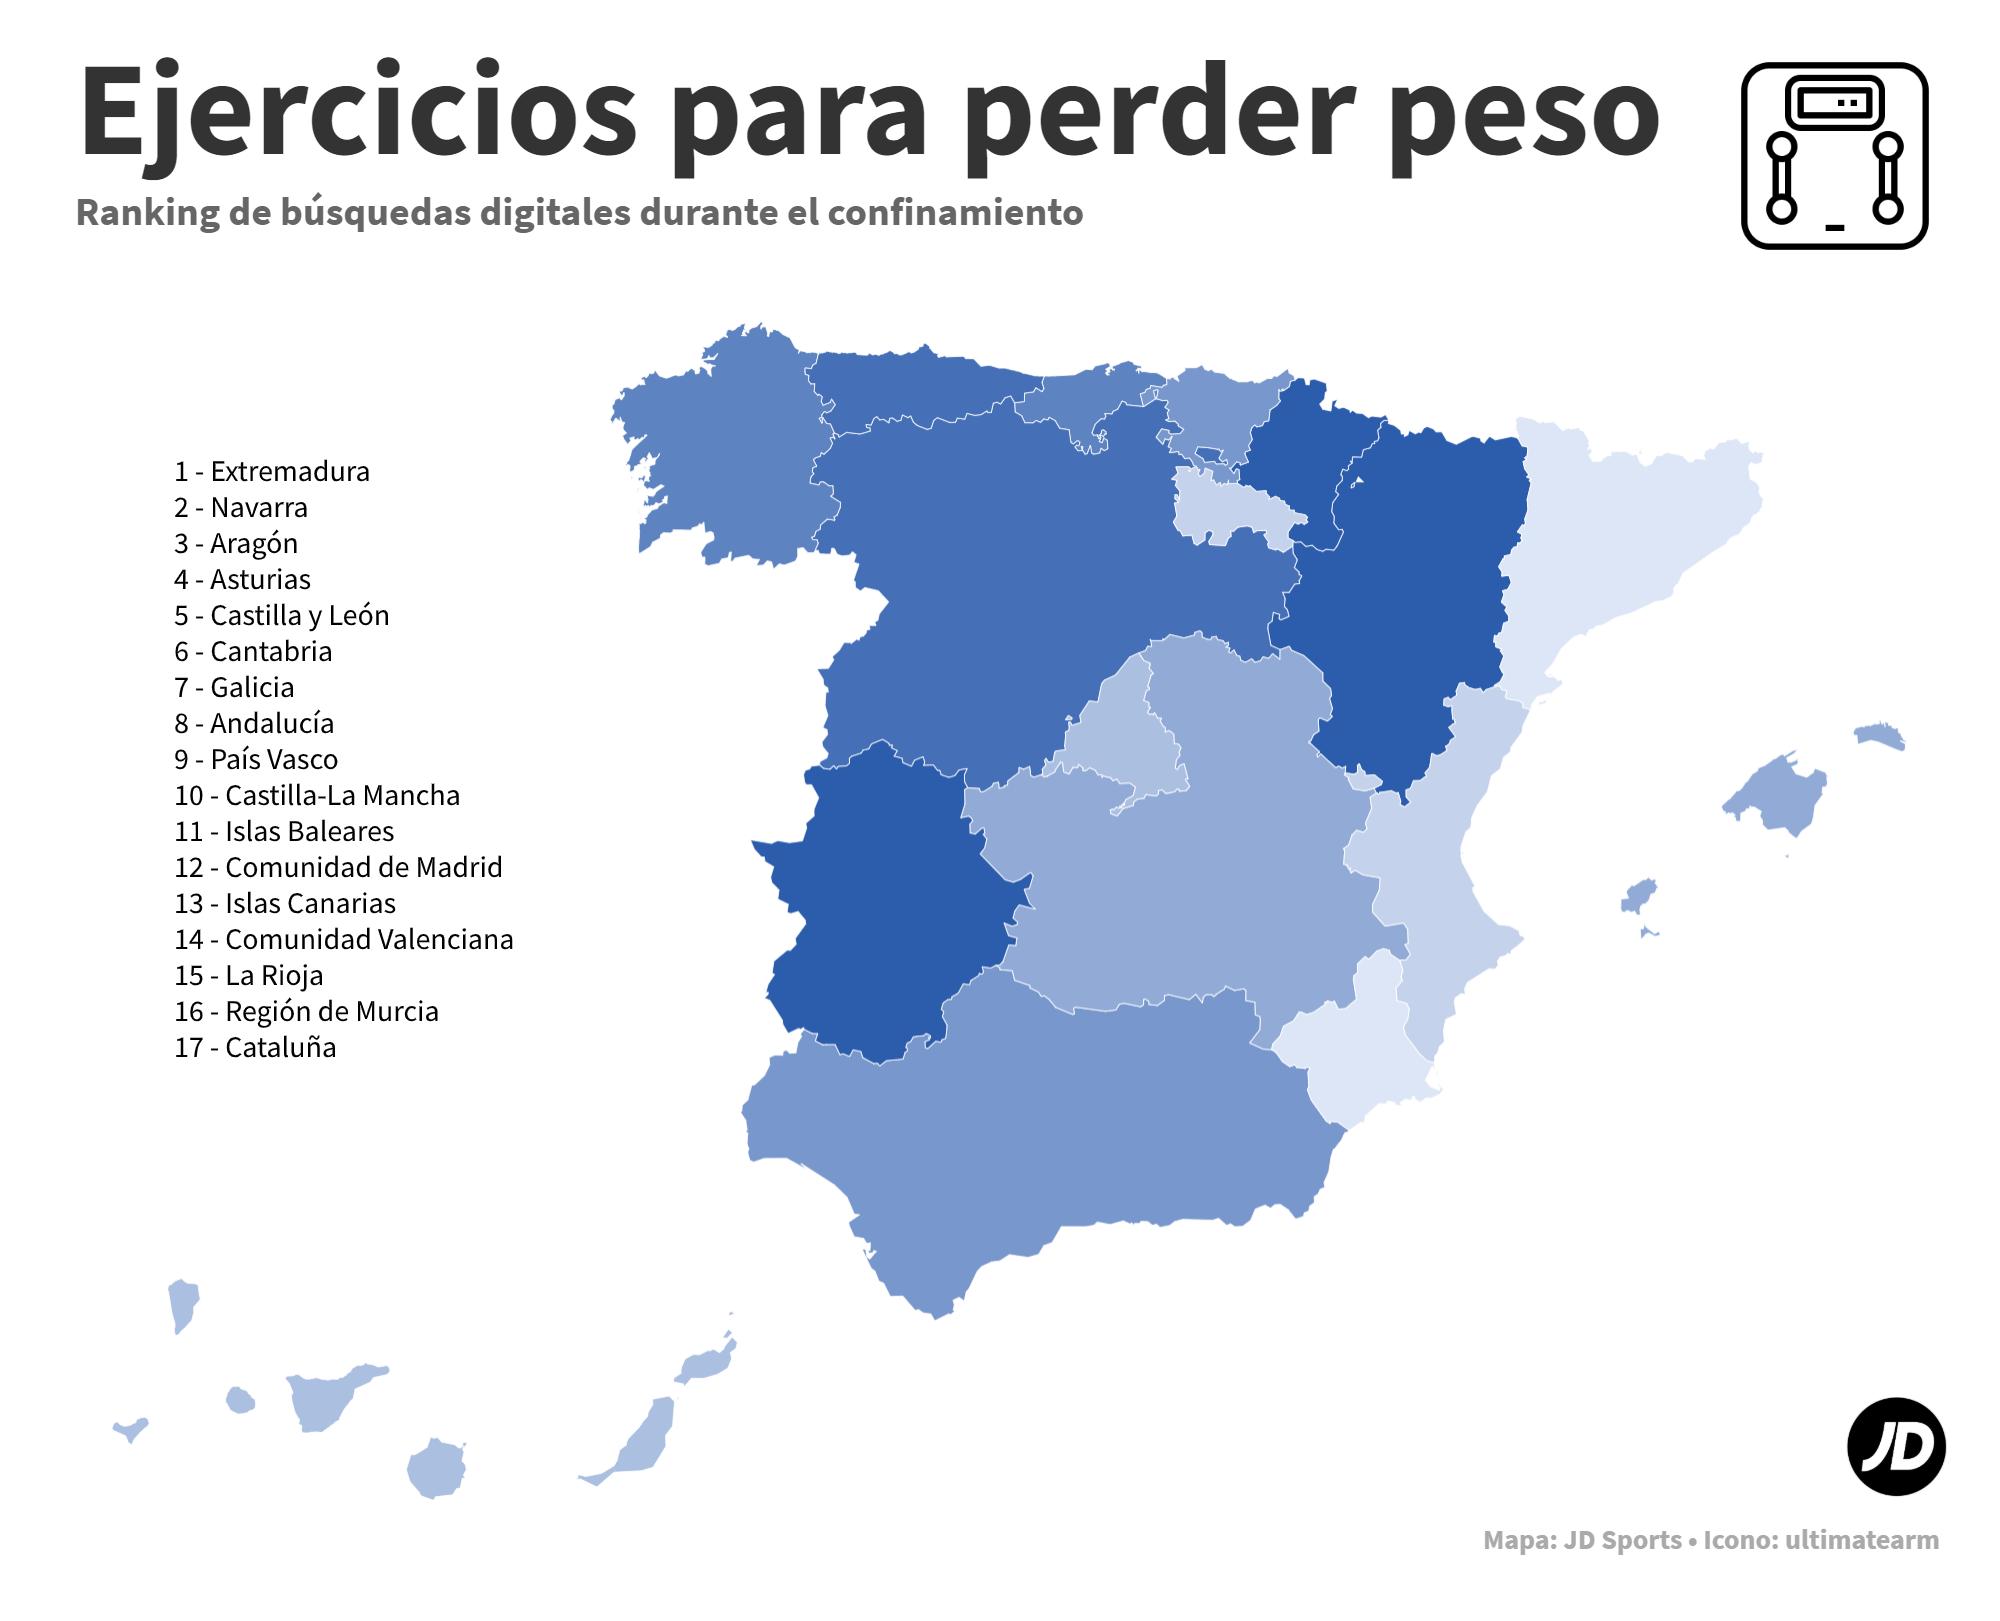 Mapa de España con las comunidades autónomas más interesadas en perder peso durante el confinamiento